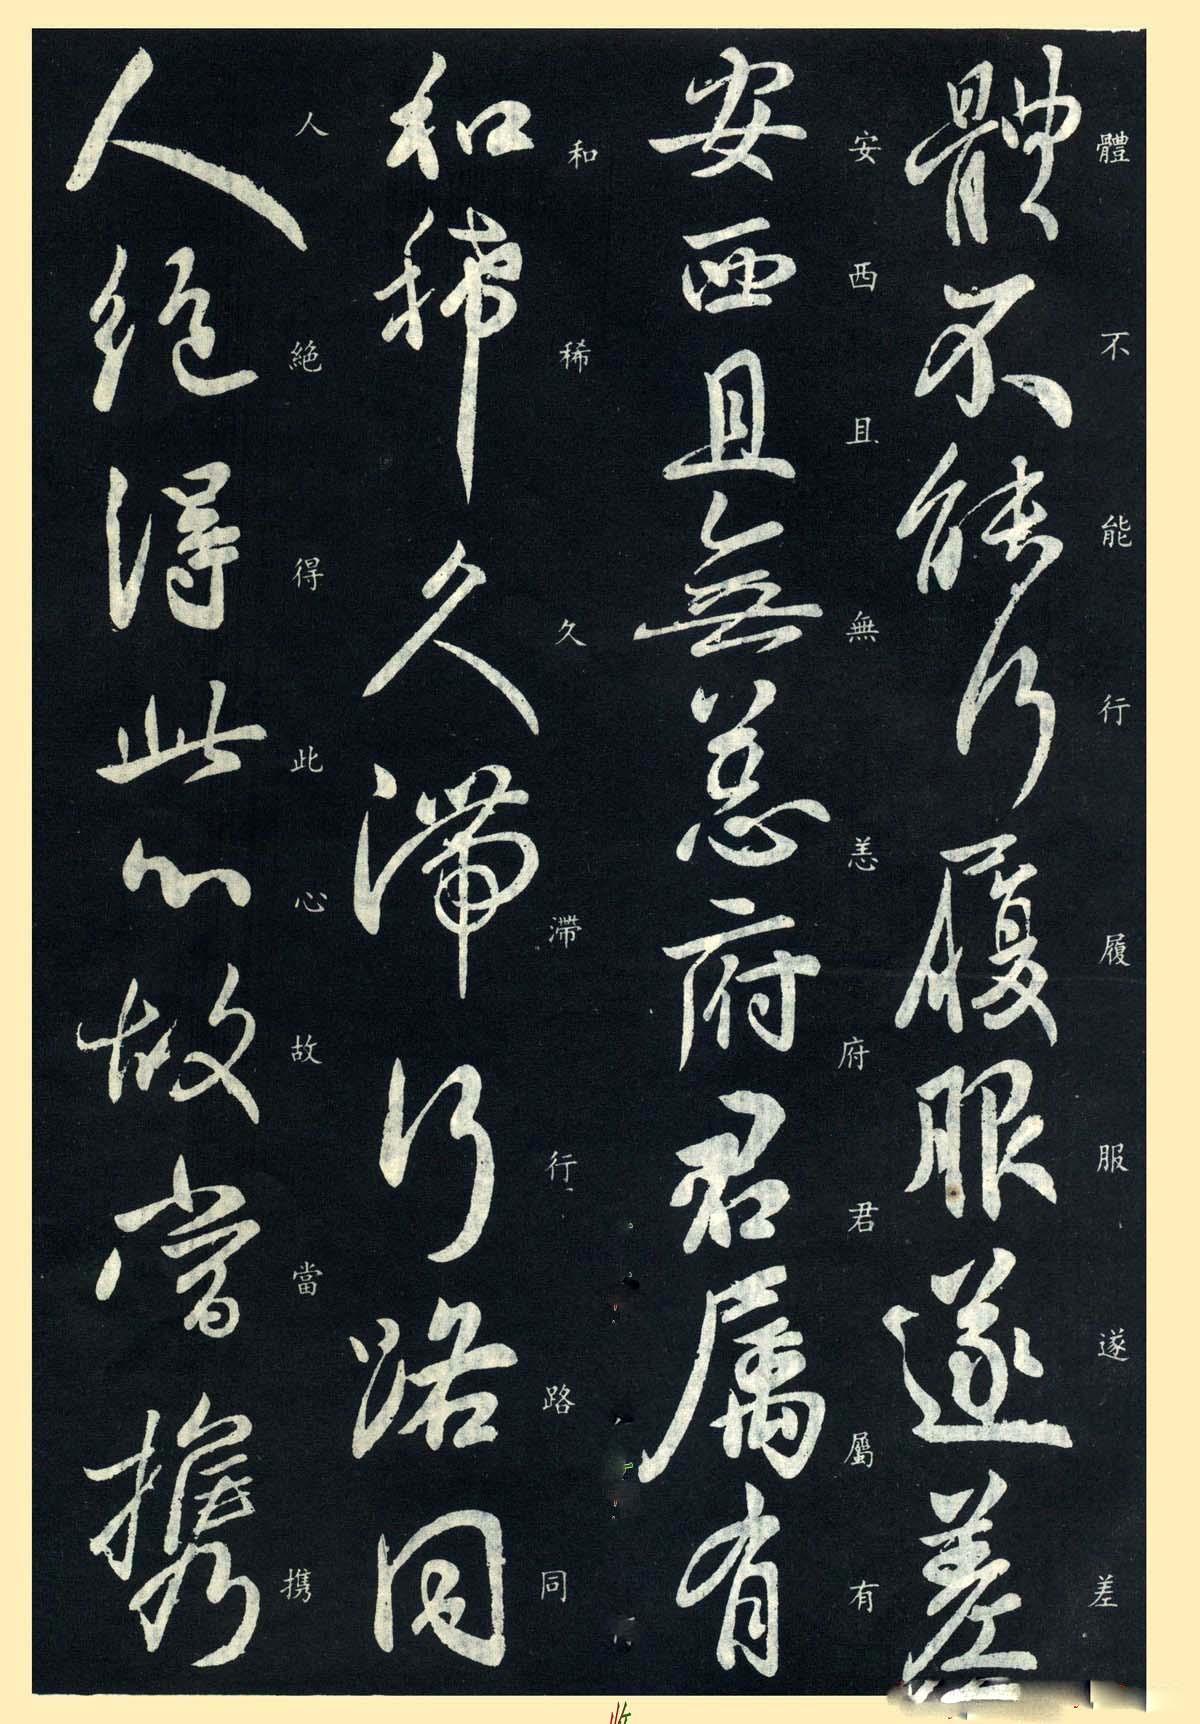 Vương Hiến Chi (Canh Đẳng Thiếp)